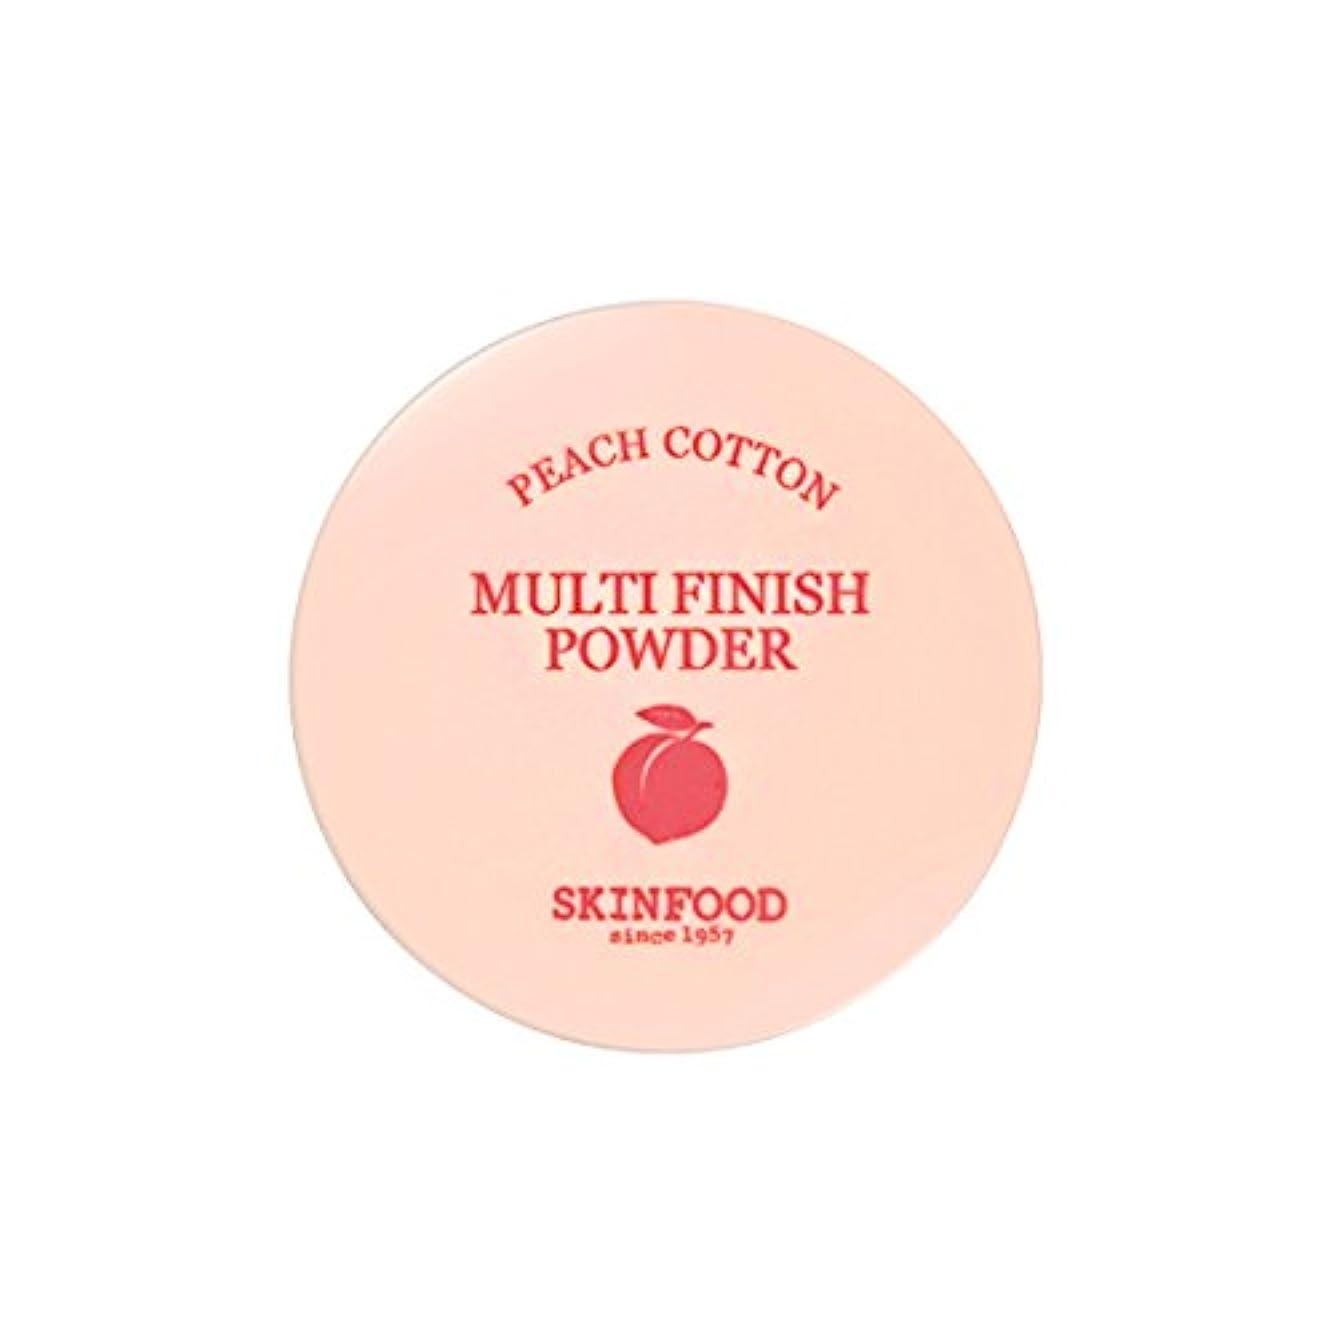 ドキュメンタリー省可塑性[New] SKINFOOD Peach Cotton Multi Finish Powder/スキンフード ピーチ コットン マルチ フィニッシュ パウダー (#小容量:5g) [並行輸入品]